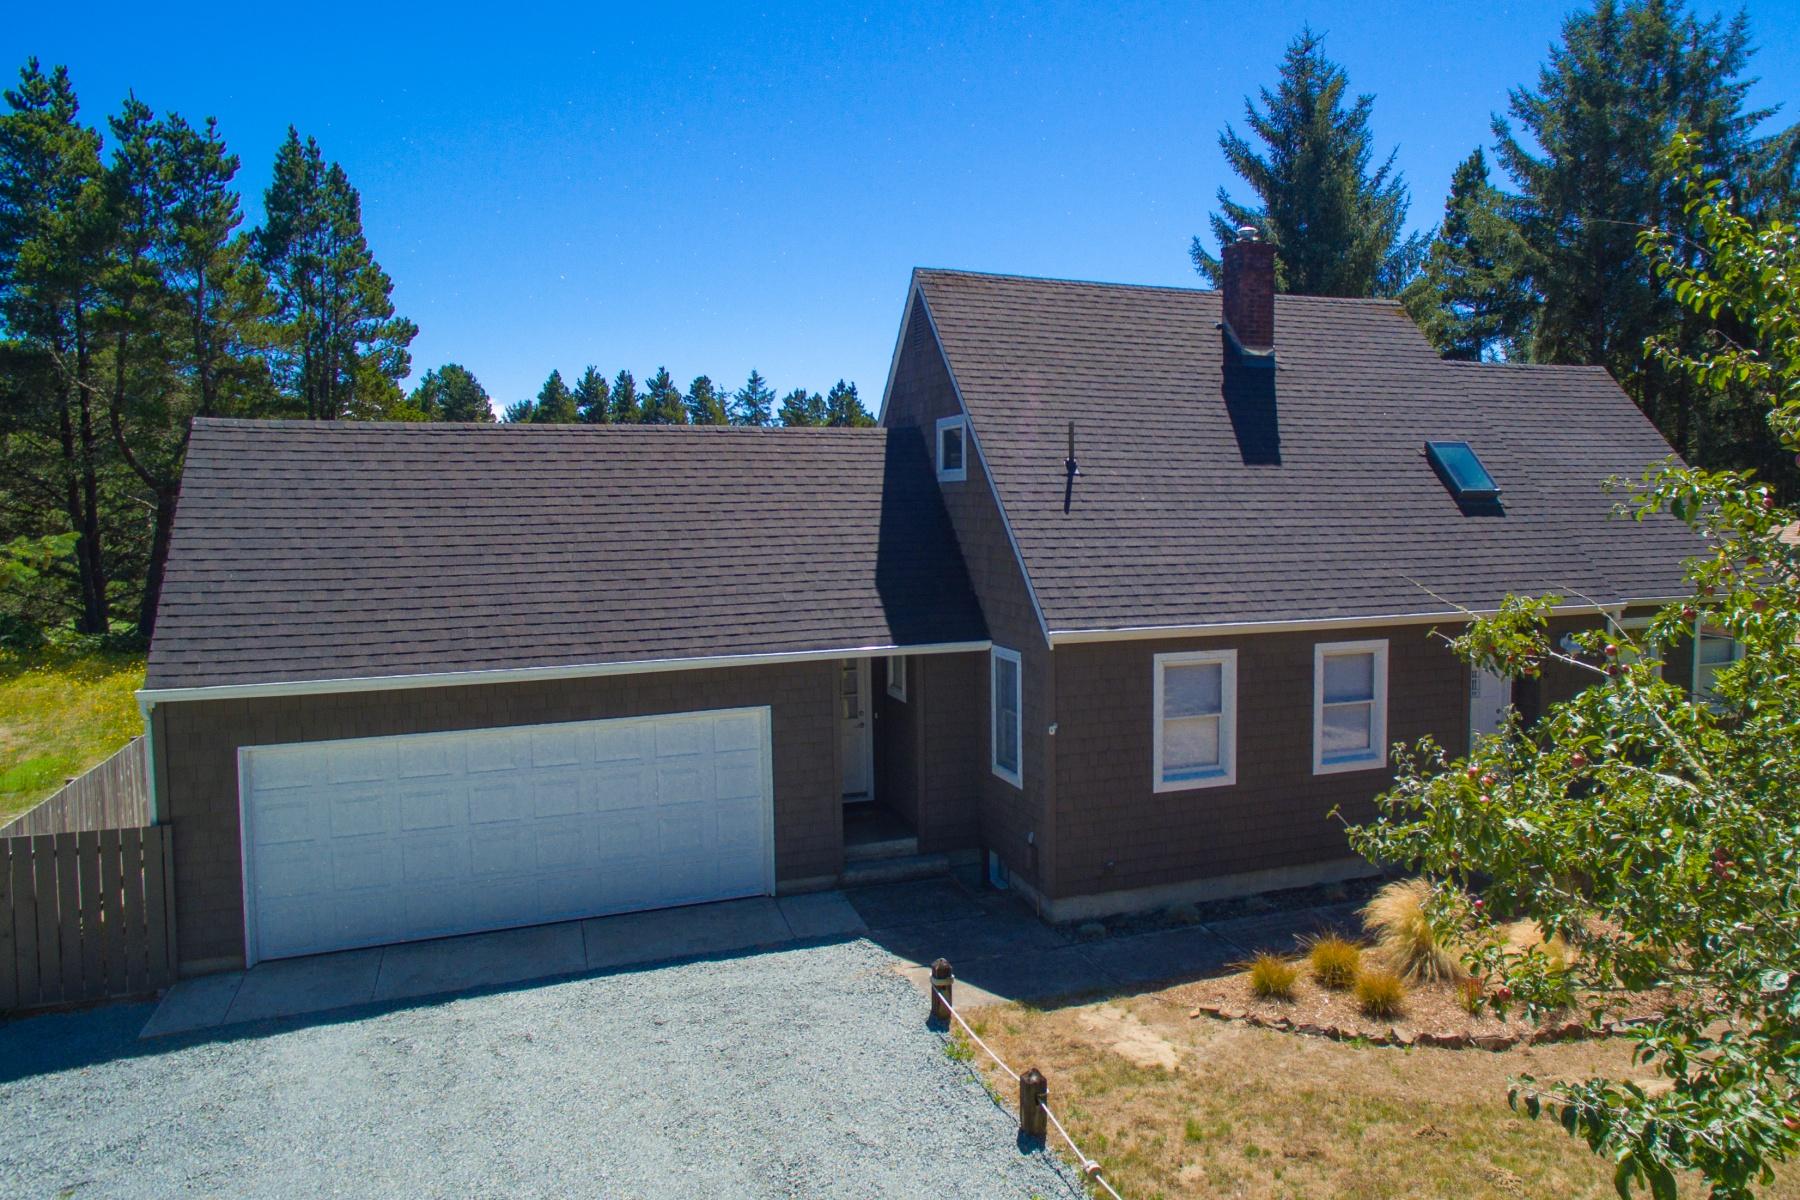 Nhà ở một gia đình vì Bán tại 476 DORCAS LN, MANZANITA, OR Manzanita, Oregon, 97130 Hoa Kỳ